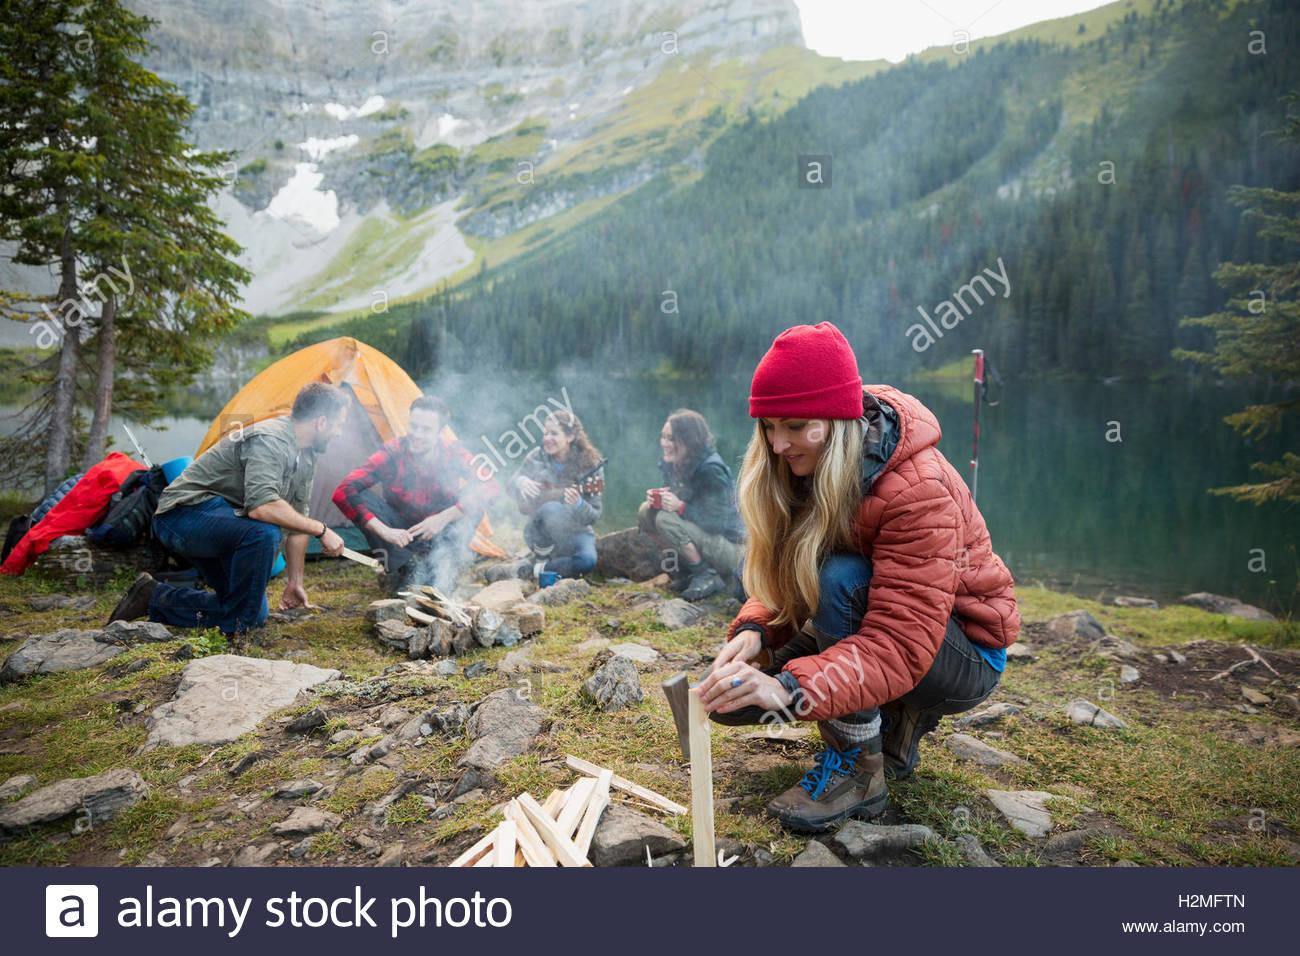 Bois de chauffage à distance de séparation femme camping au bord du lac Photo Stock